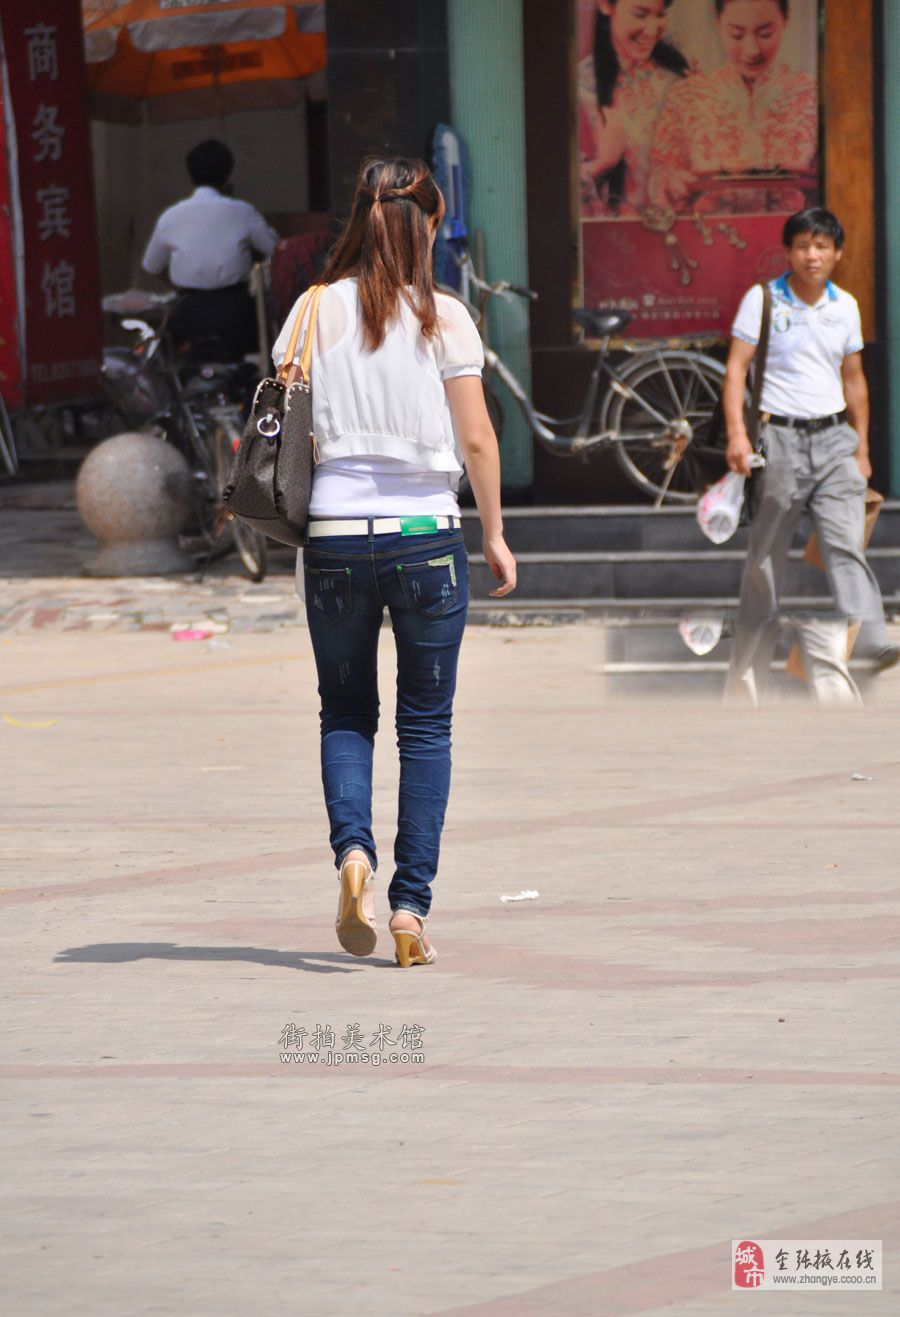 街拍透明裤漏臀美女